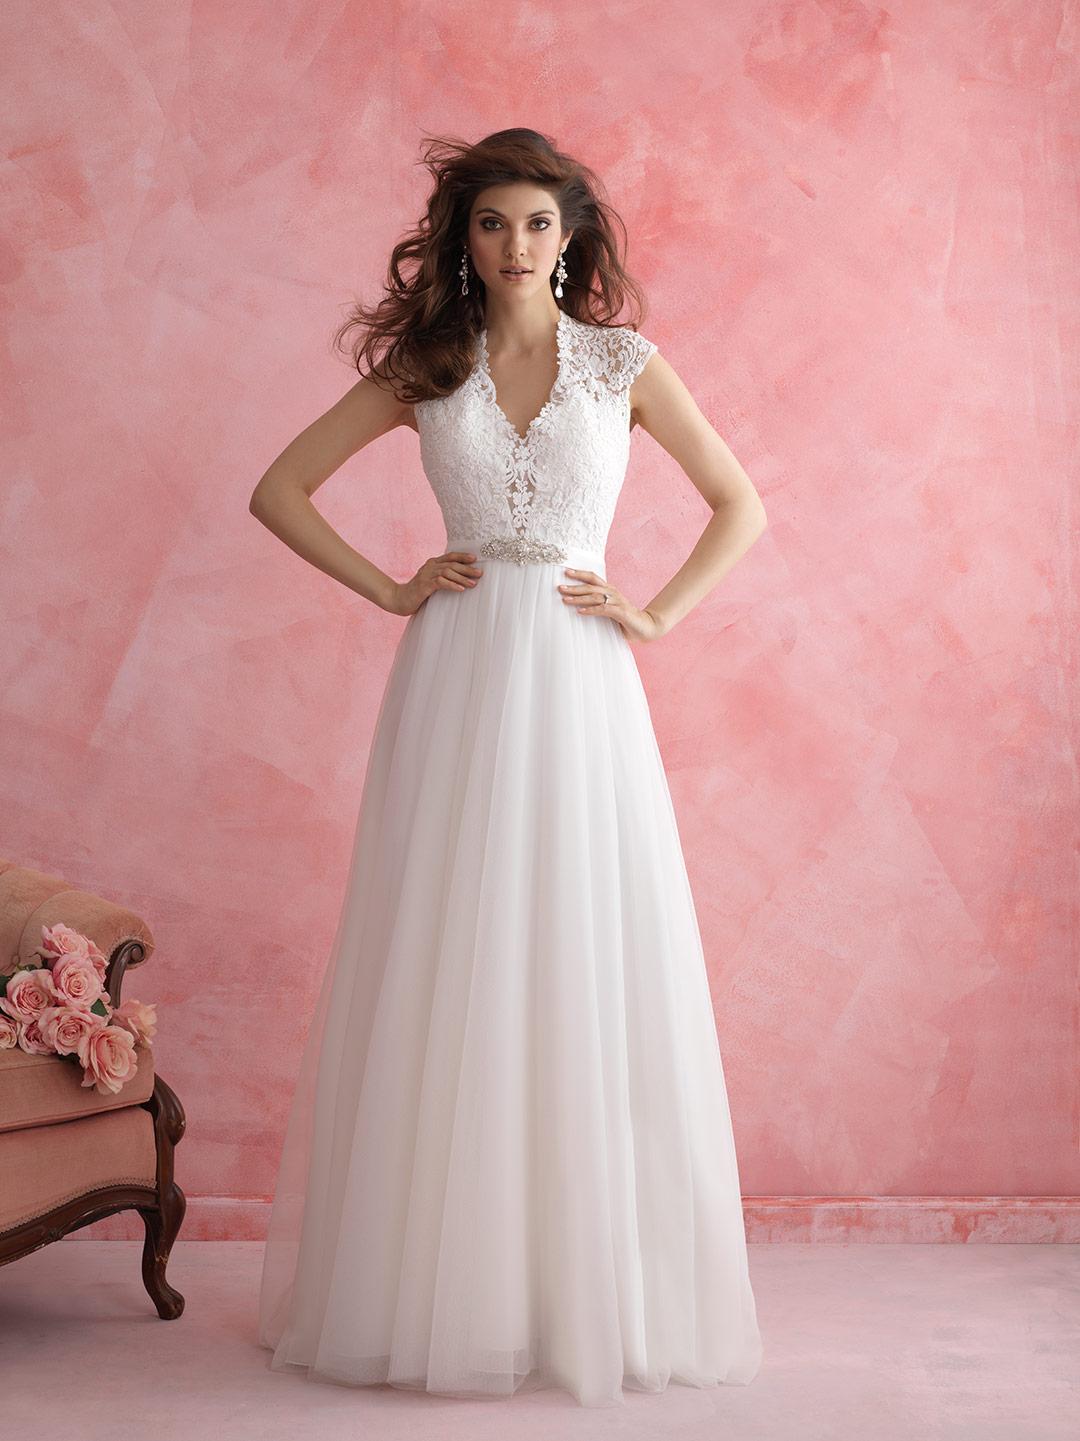 Cerrando el corset | Mi vida entre vestidos de novia